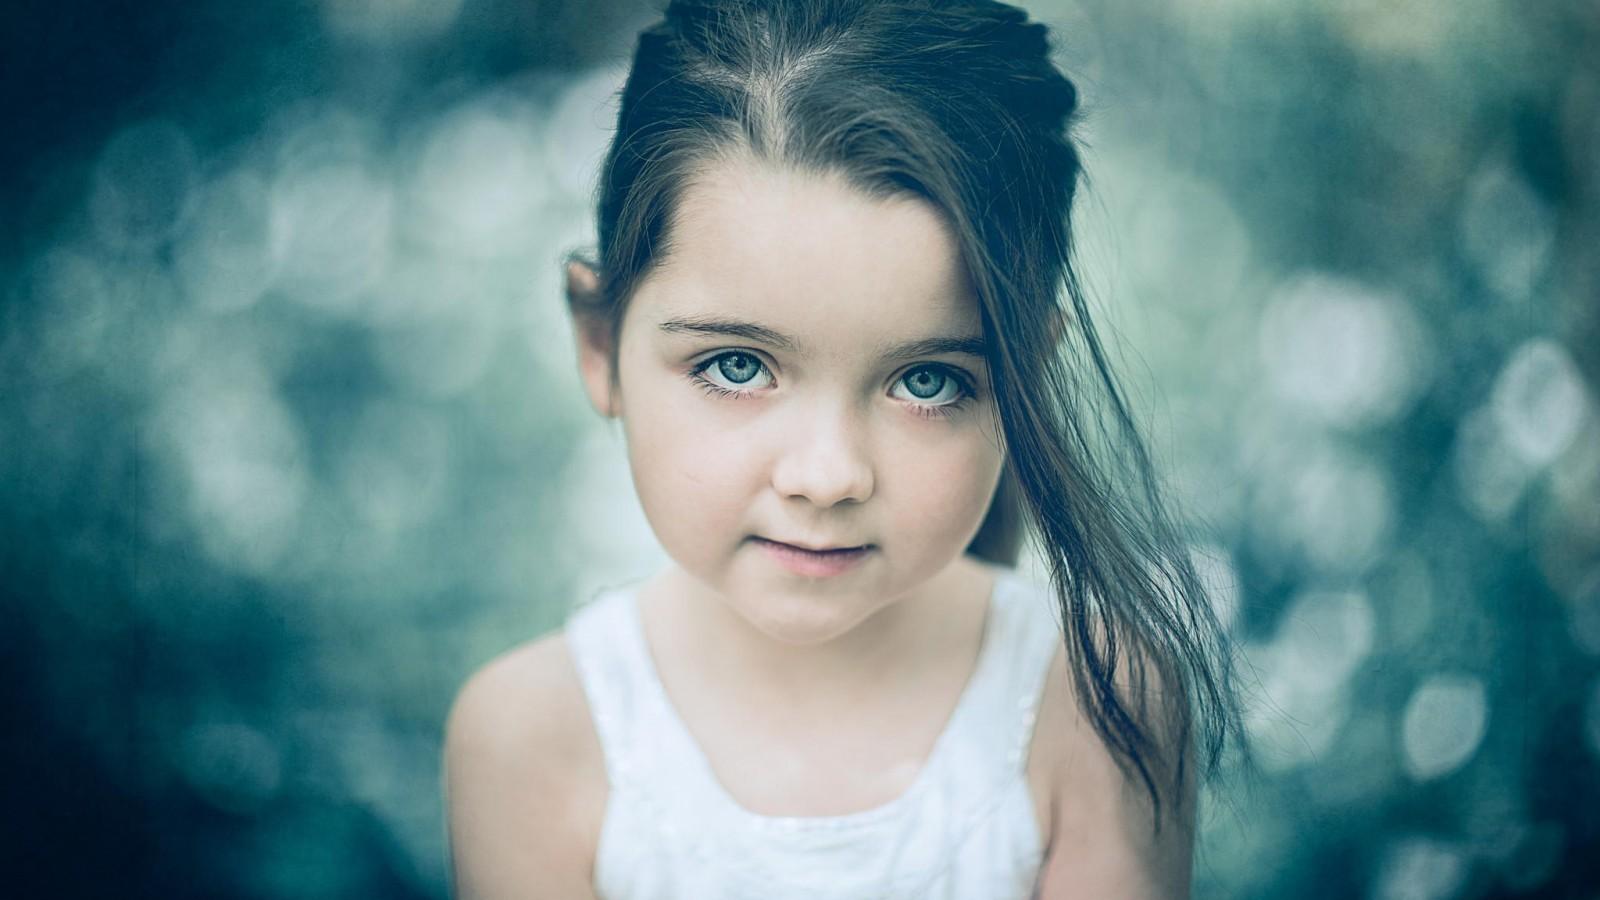 بالصور صور اطفال صغار , اجمل بيبز ممكن تشوفهم ياسروا القلوب والعيون 3144 8